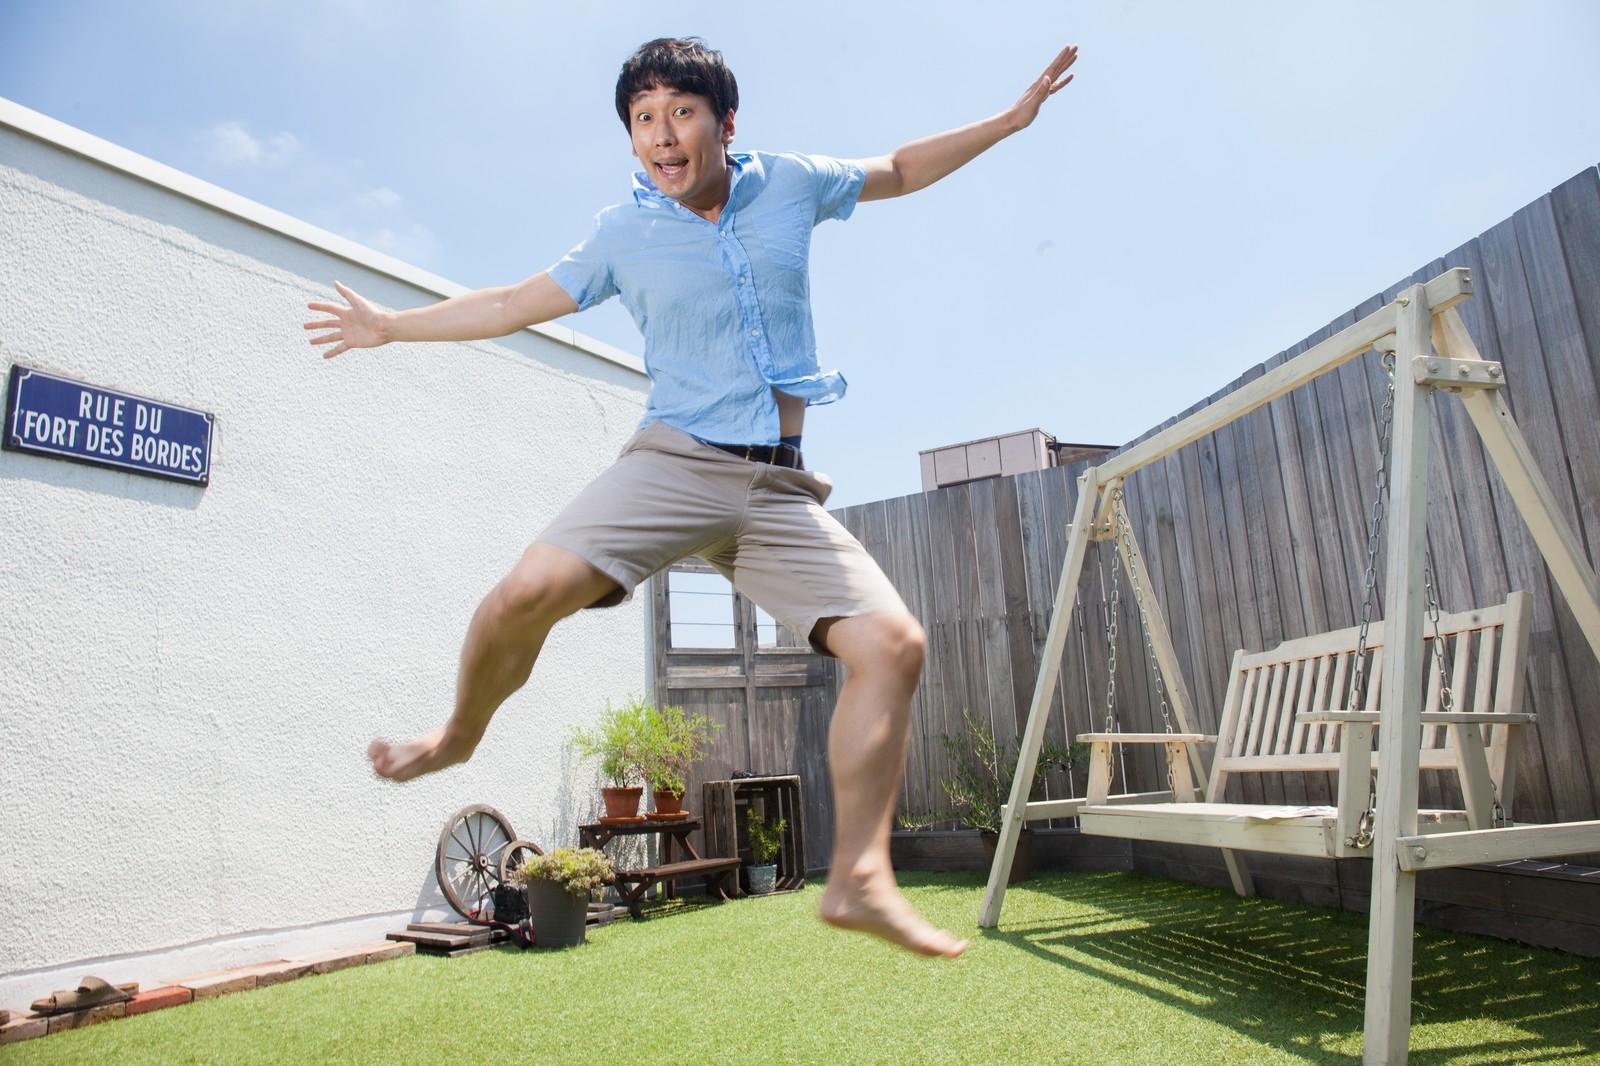 飛び跳ねている男